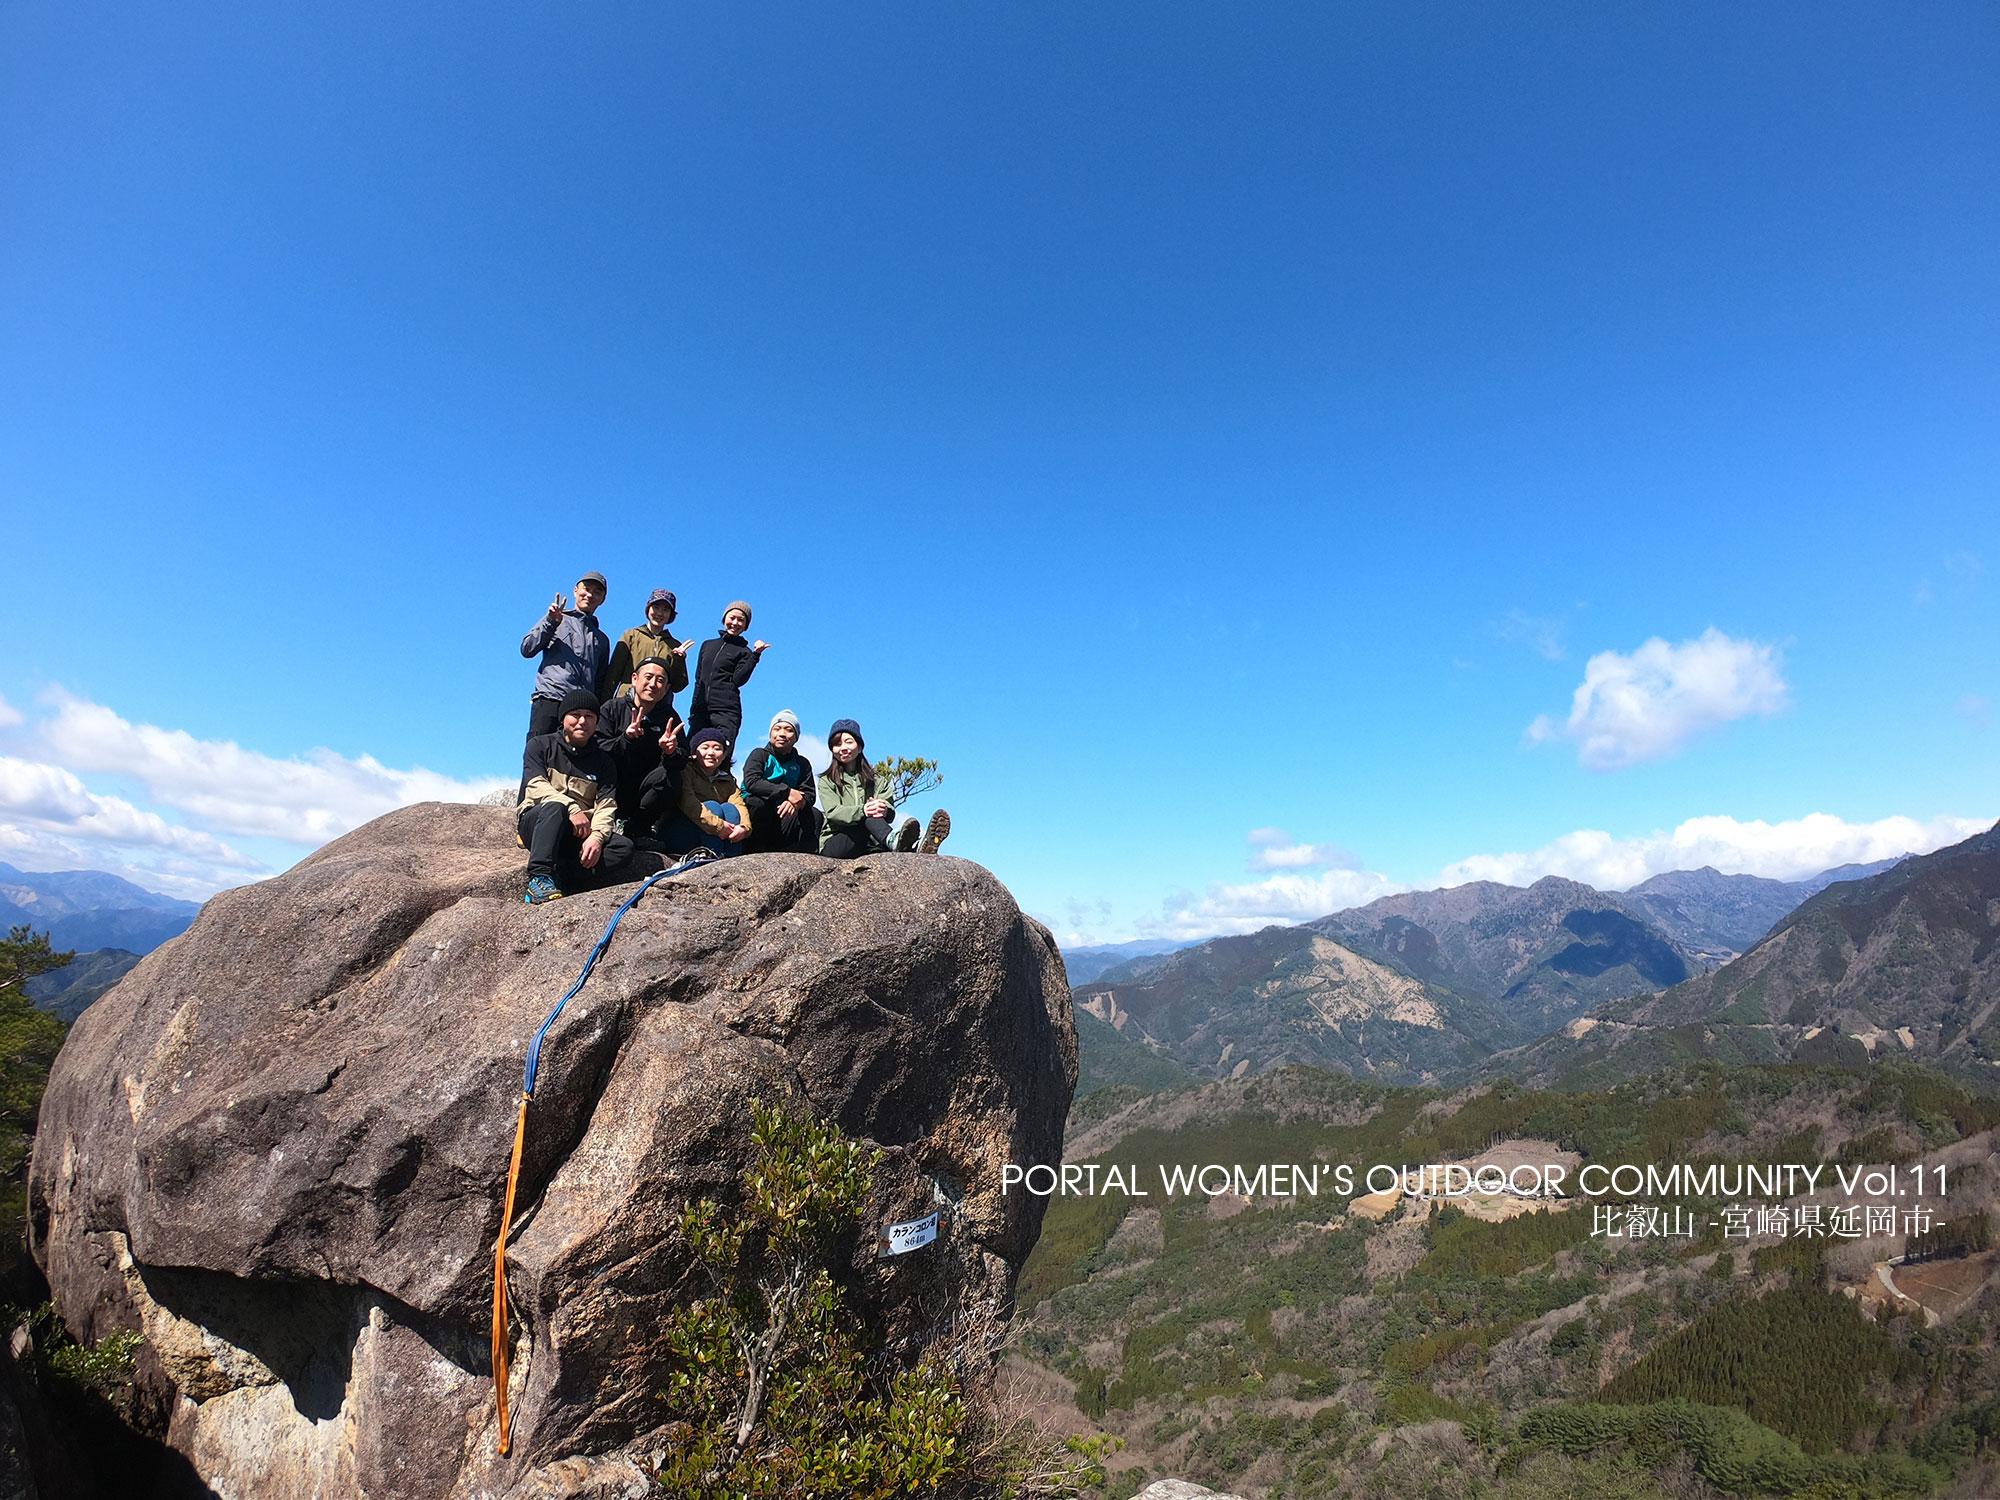 カランコロン岩で記念撮影